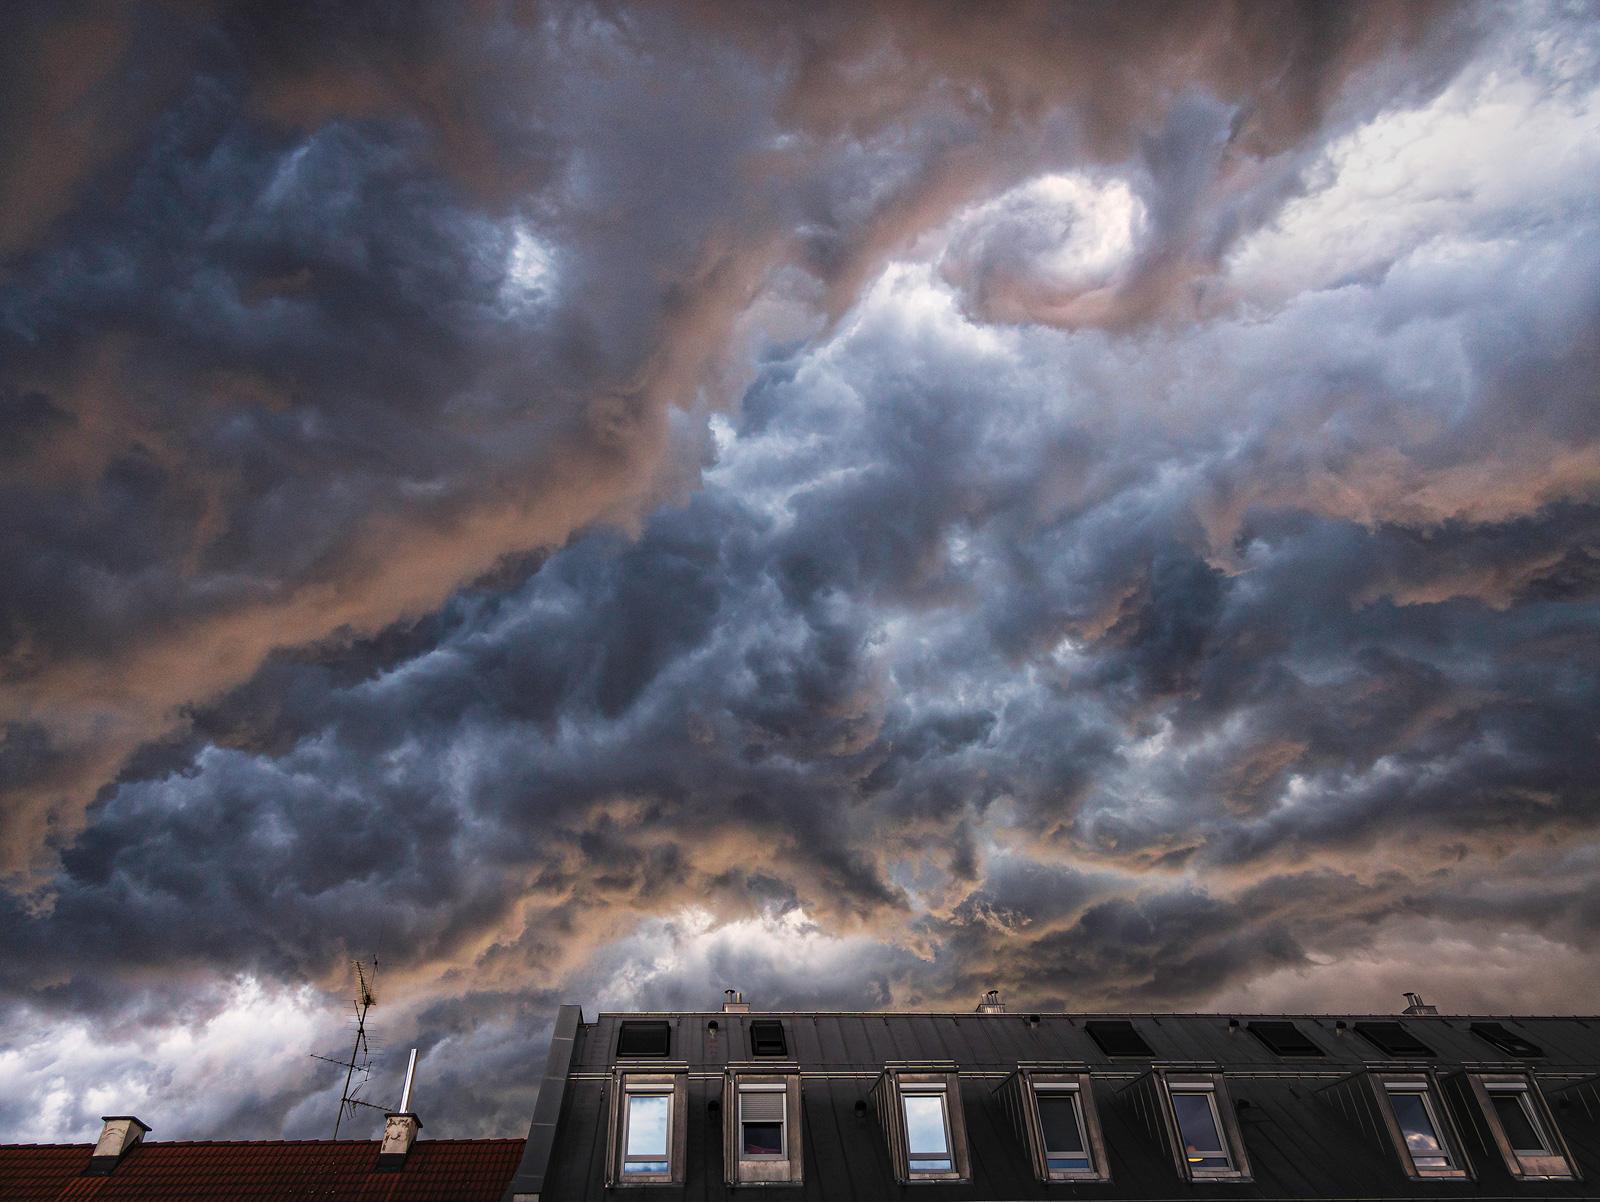 Unwetterwalze über München, Unwetter, Gewitter, Sommergewitter